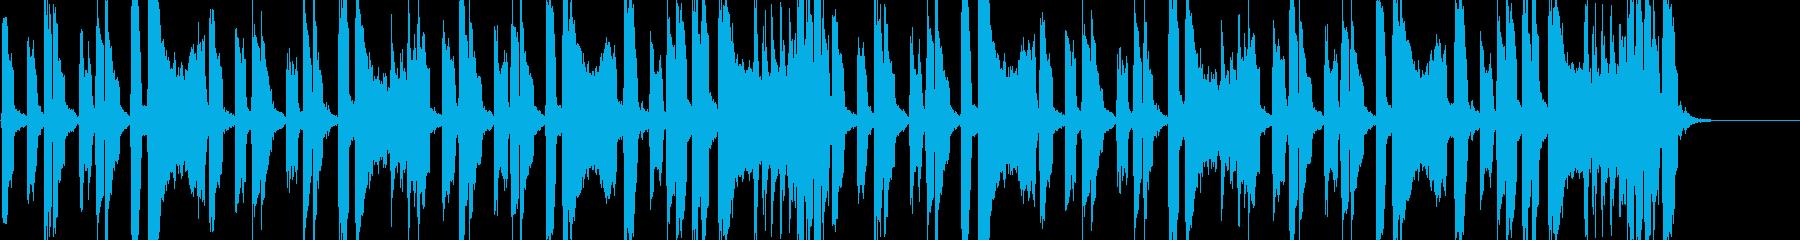 怪しげでコミカルな雰囲気 アニメ調BGMの再生済みの波形